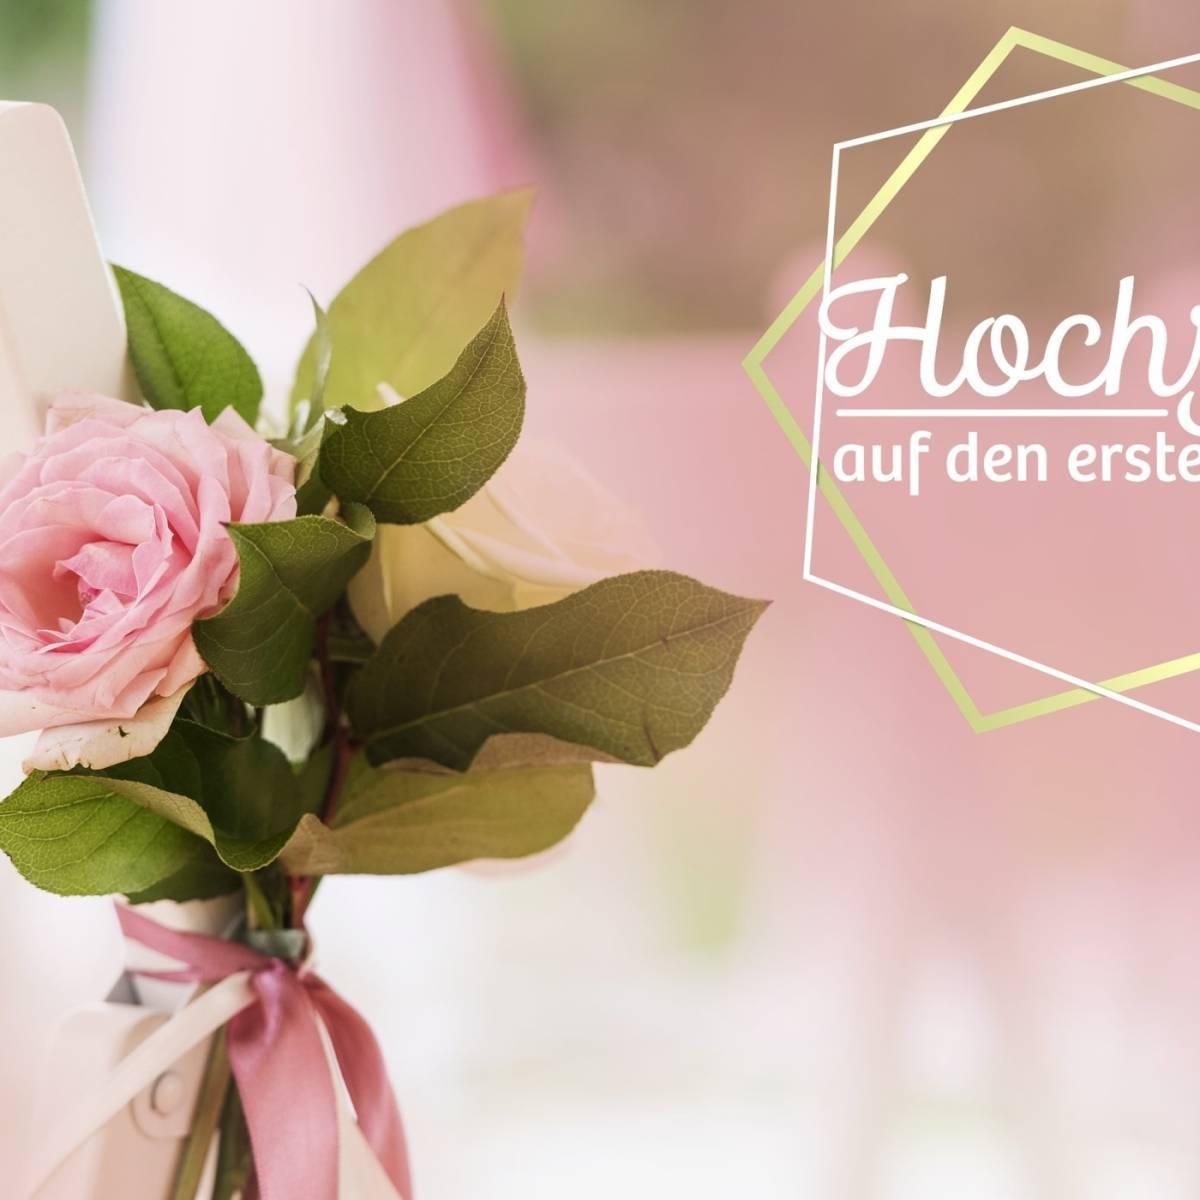 Hochzeit Auf Den Ersten Blick Vom Bachelor Zu Mr Unbekannt Bildderfrau De